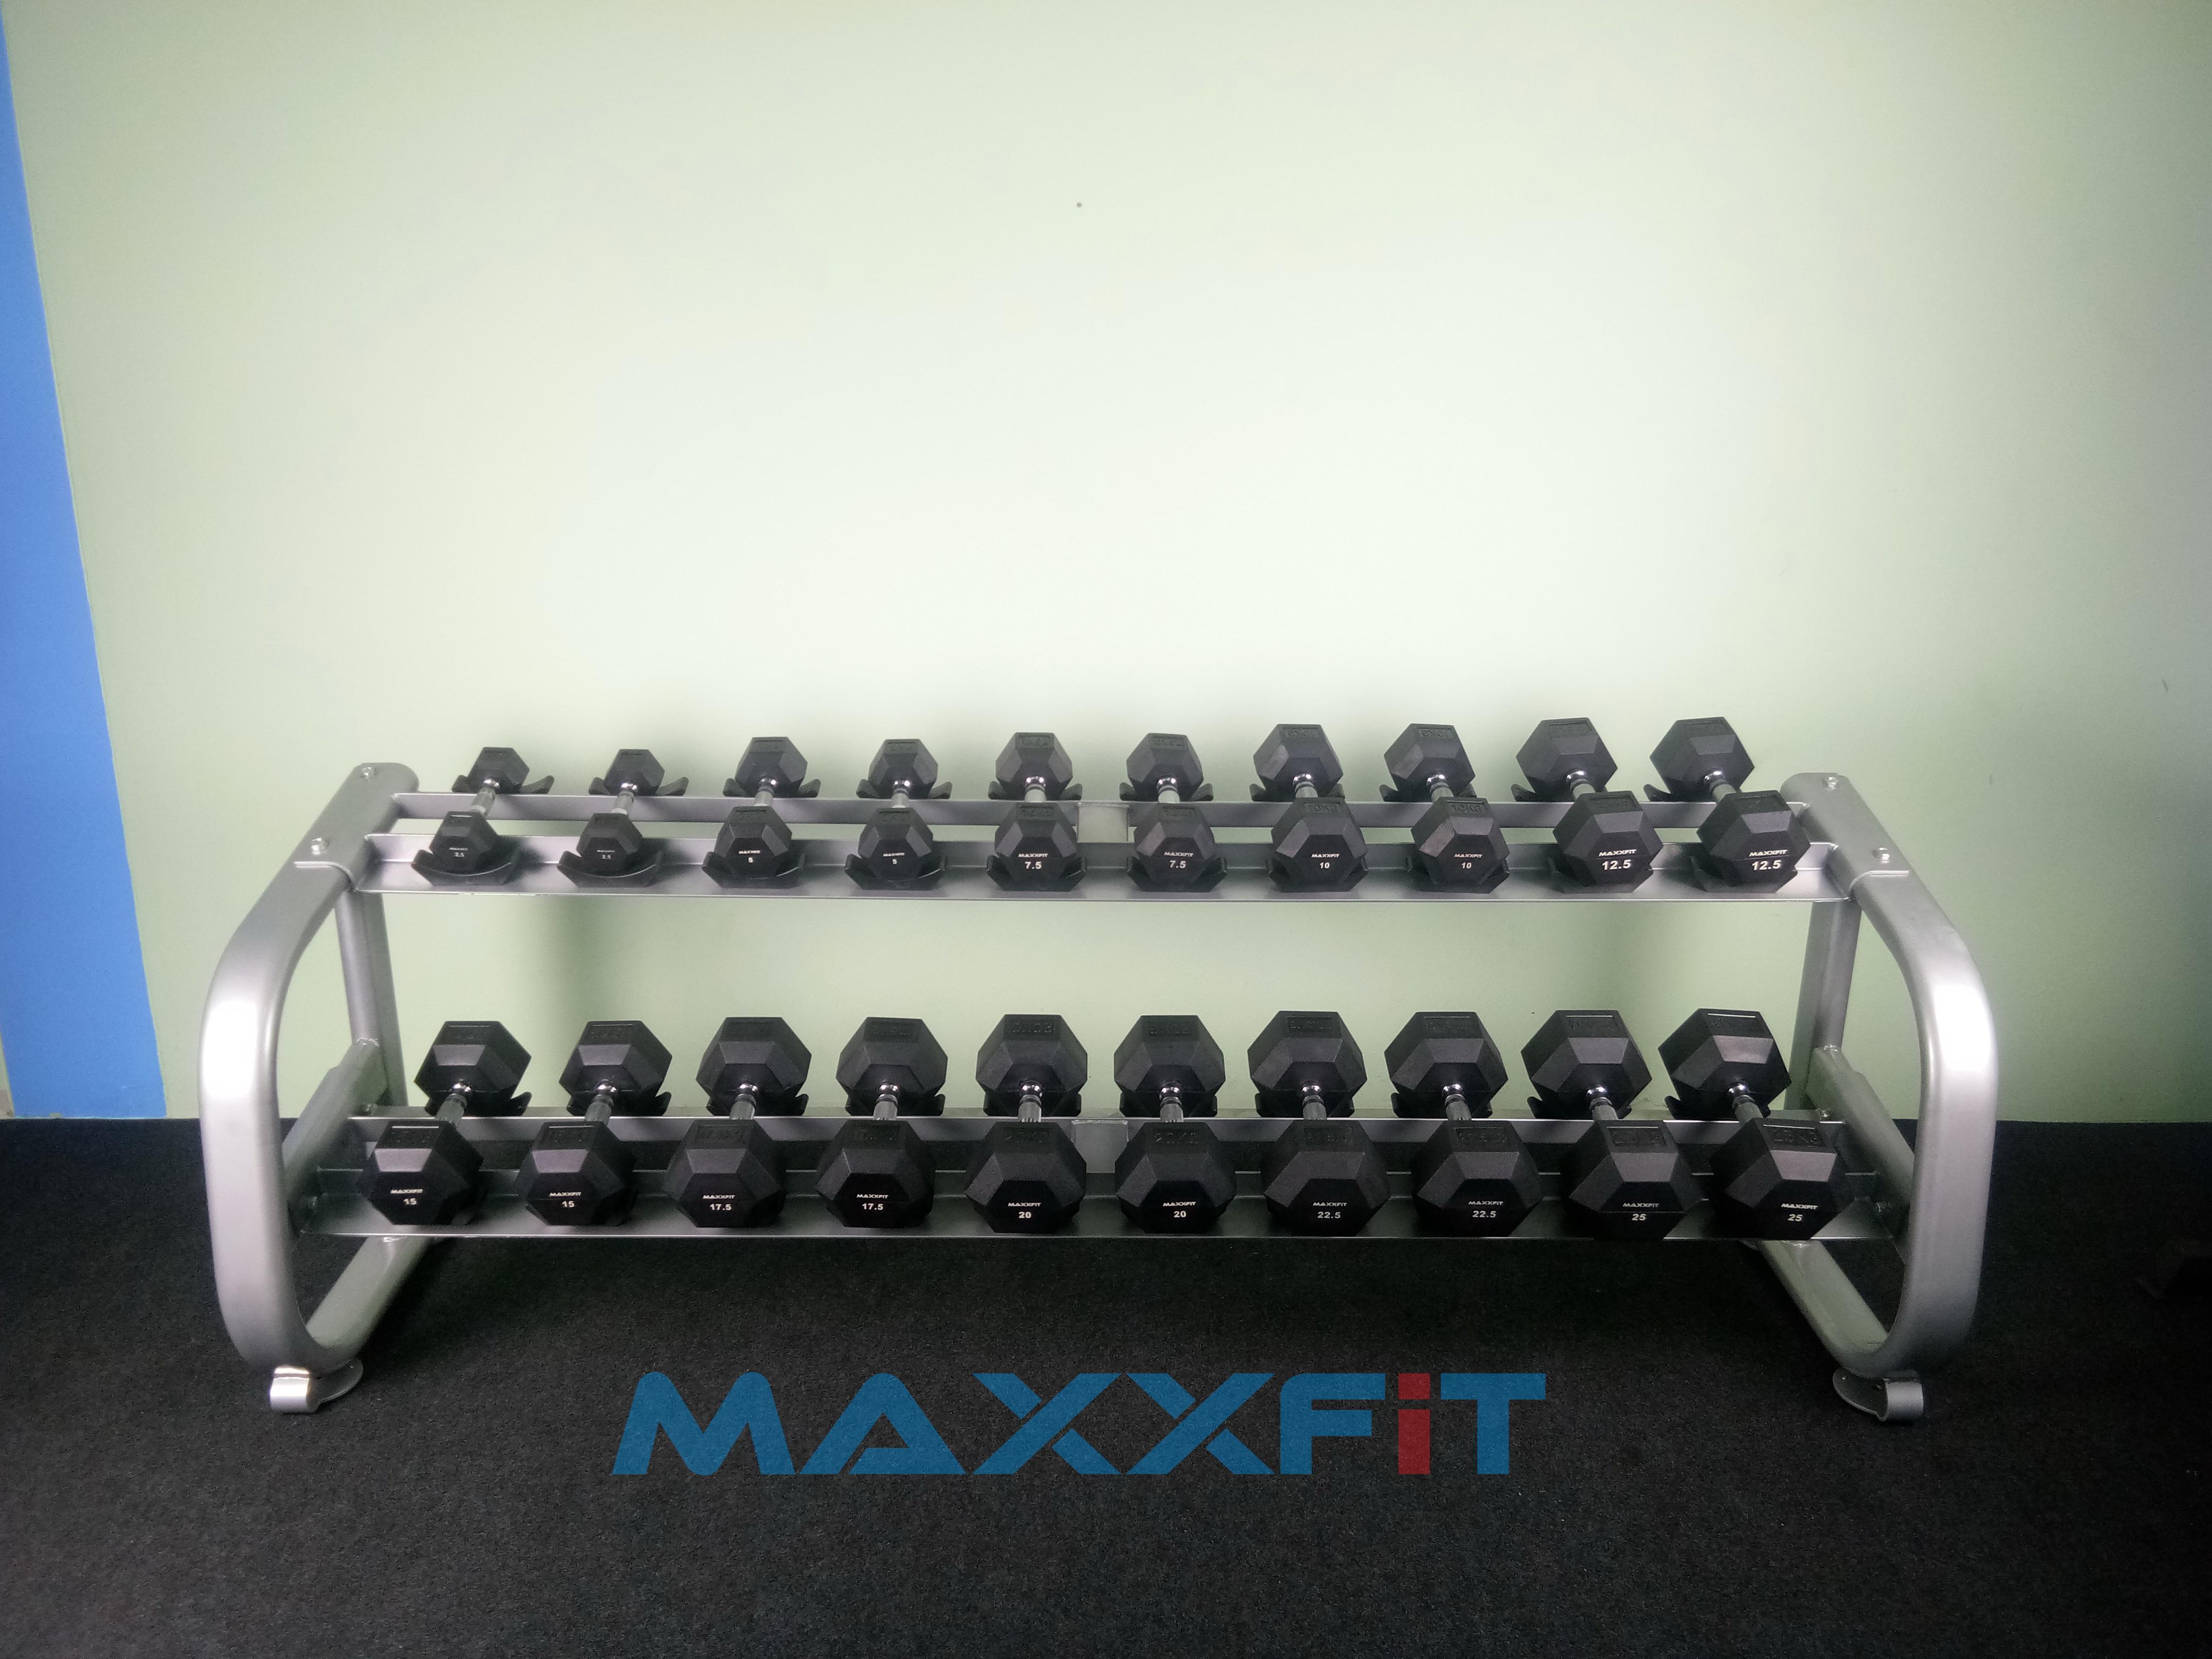 ชุดดัมเบล MAXXFiT ทรงเหลี่ยม ขนาด 2.5 - 25 KG. (10 คู่) พร้อมชั้นวาง 2 ชั้น 10 คู่ สีเงิน RK 1304